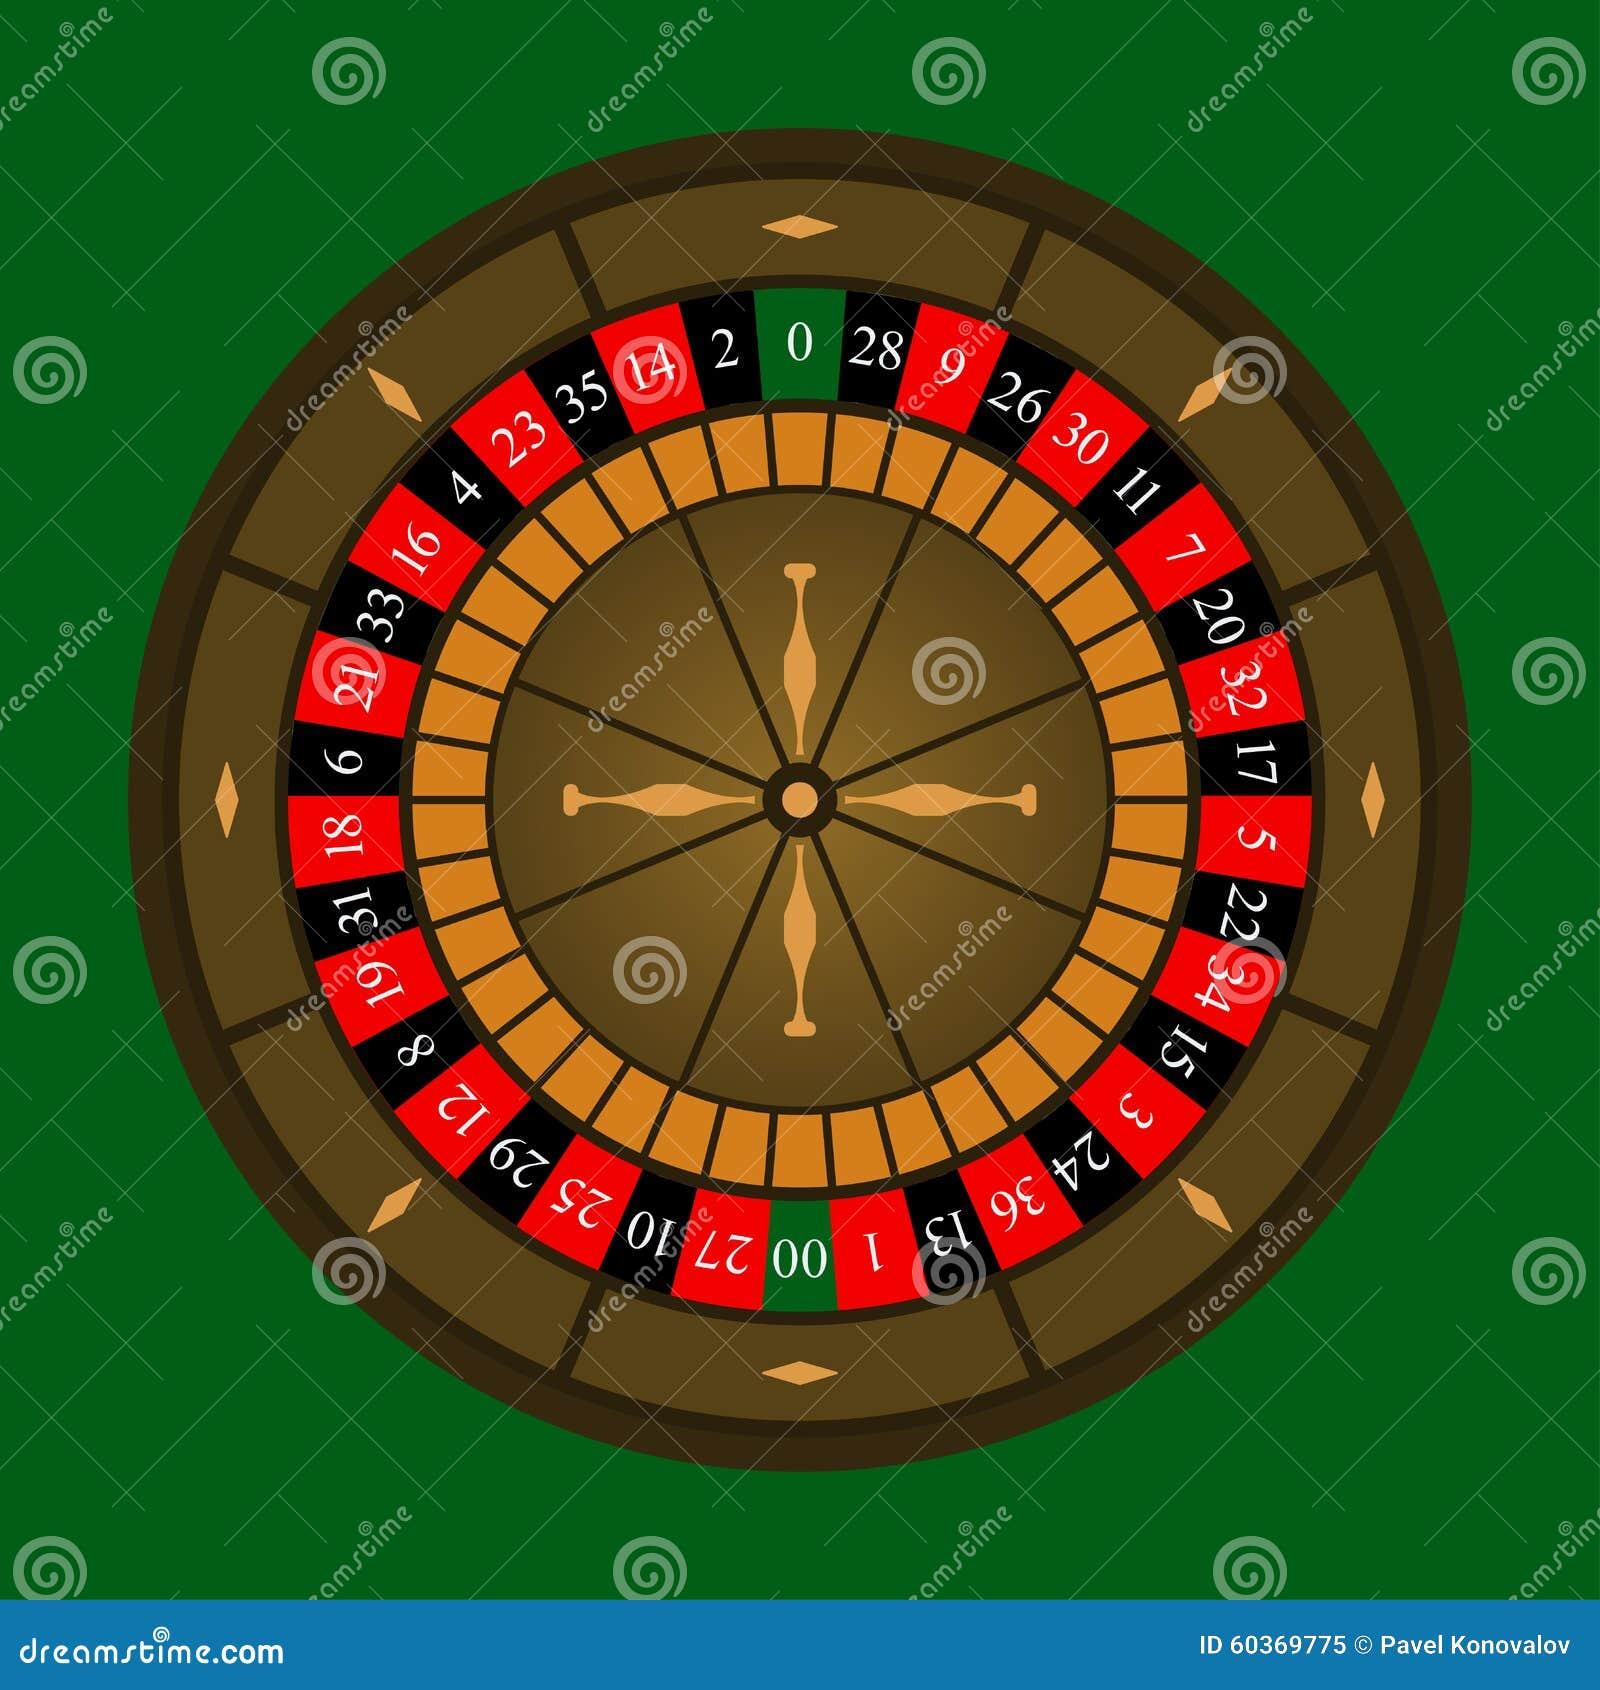 online roulette casino online casino deutsch